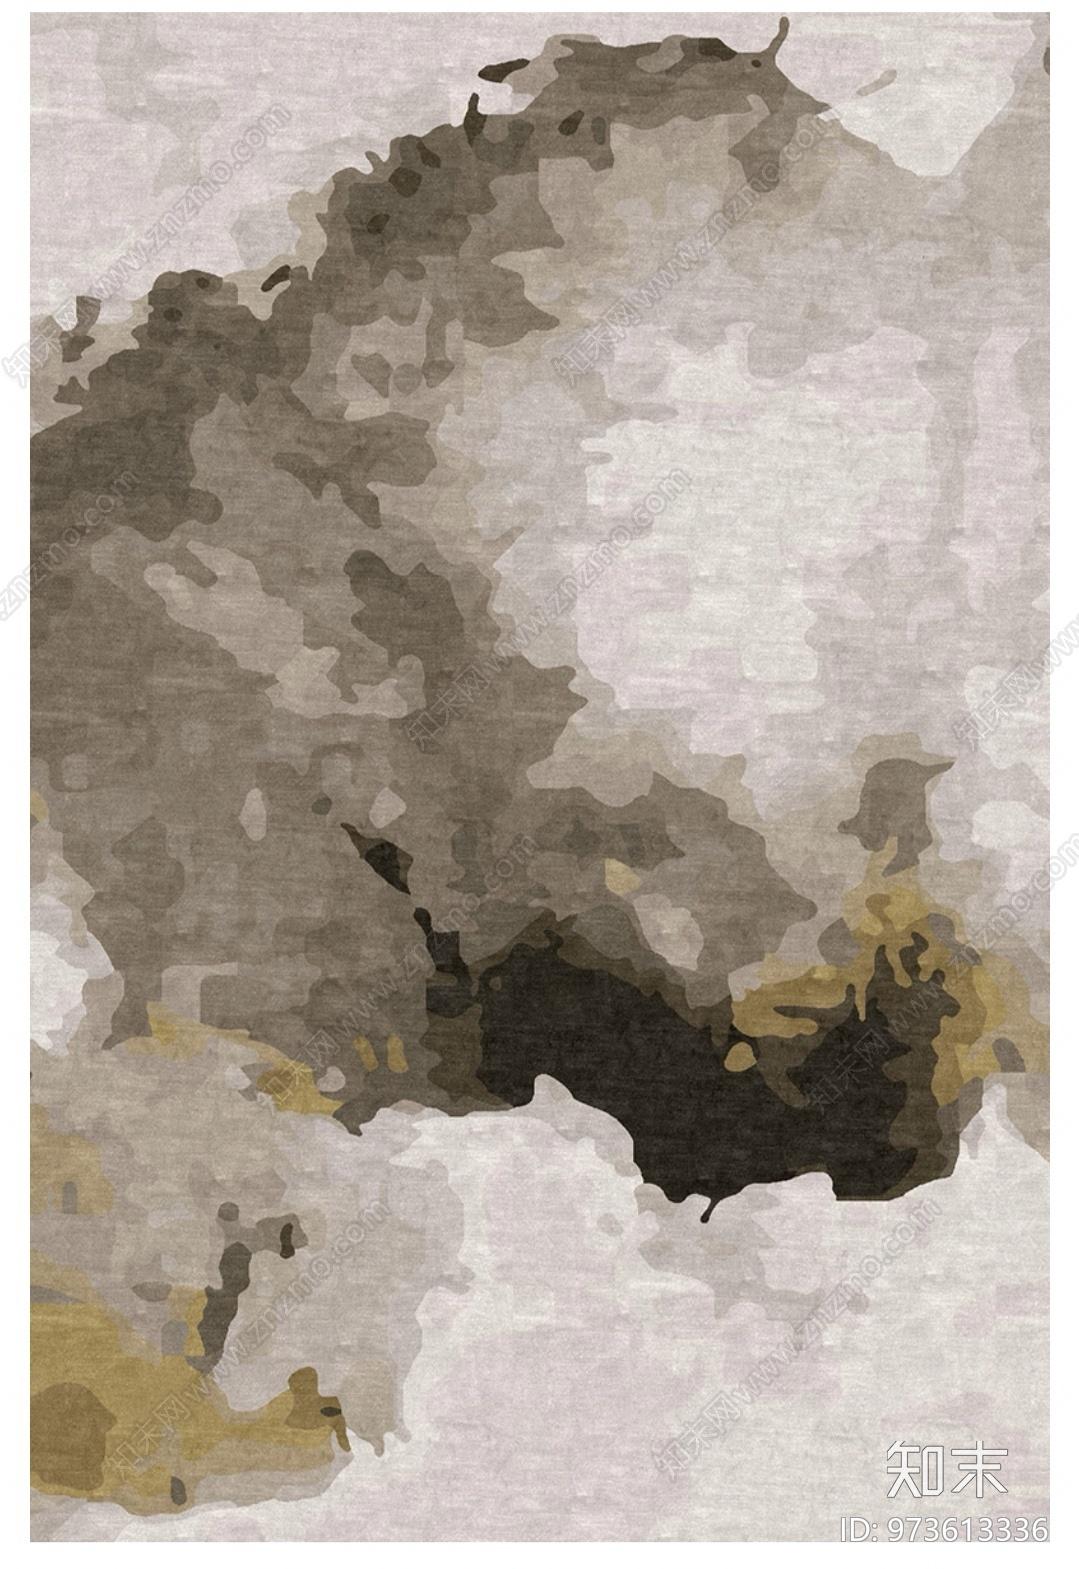 地毯贴图下载【ID:973613336】